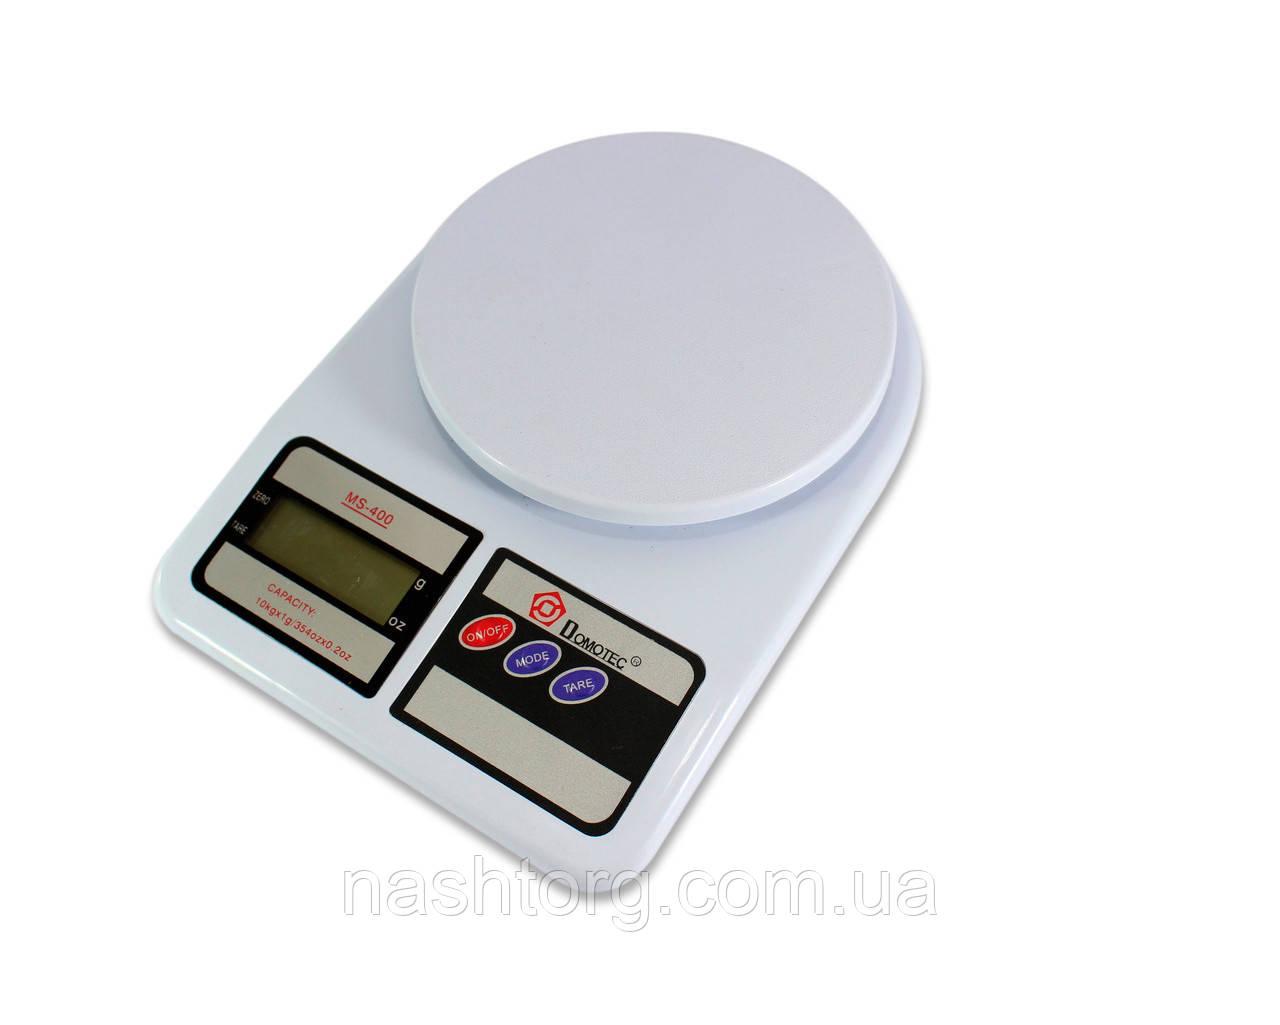 🔝 Весы кухонные (кухонні ваги) для еды Domotec ACS MS 400 на 10 кг, электронные с доставкой по Украине 🎁%🚚